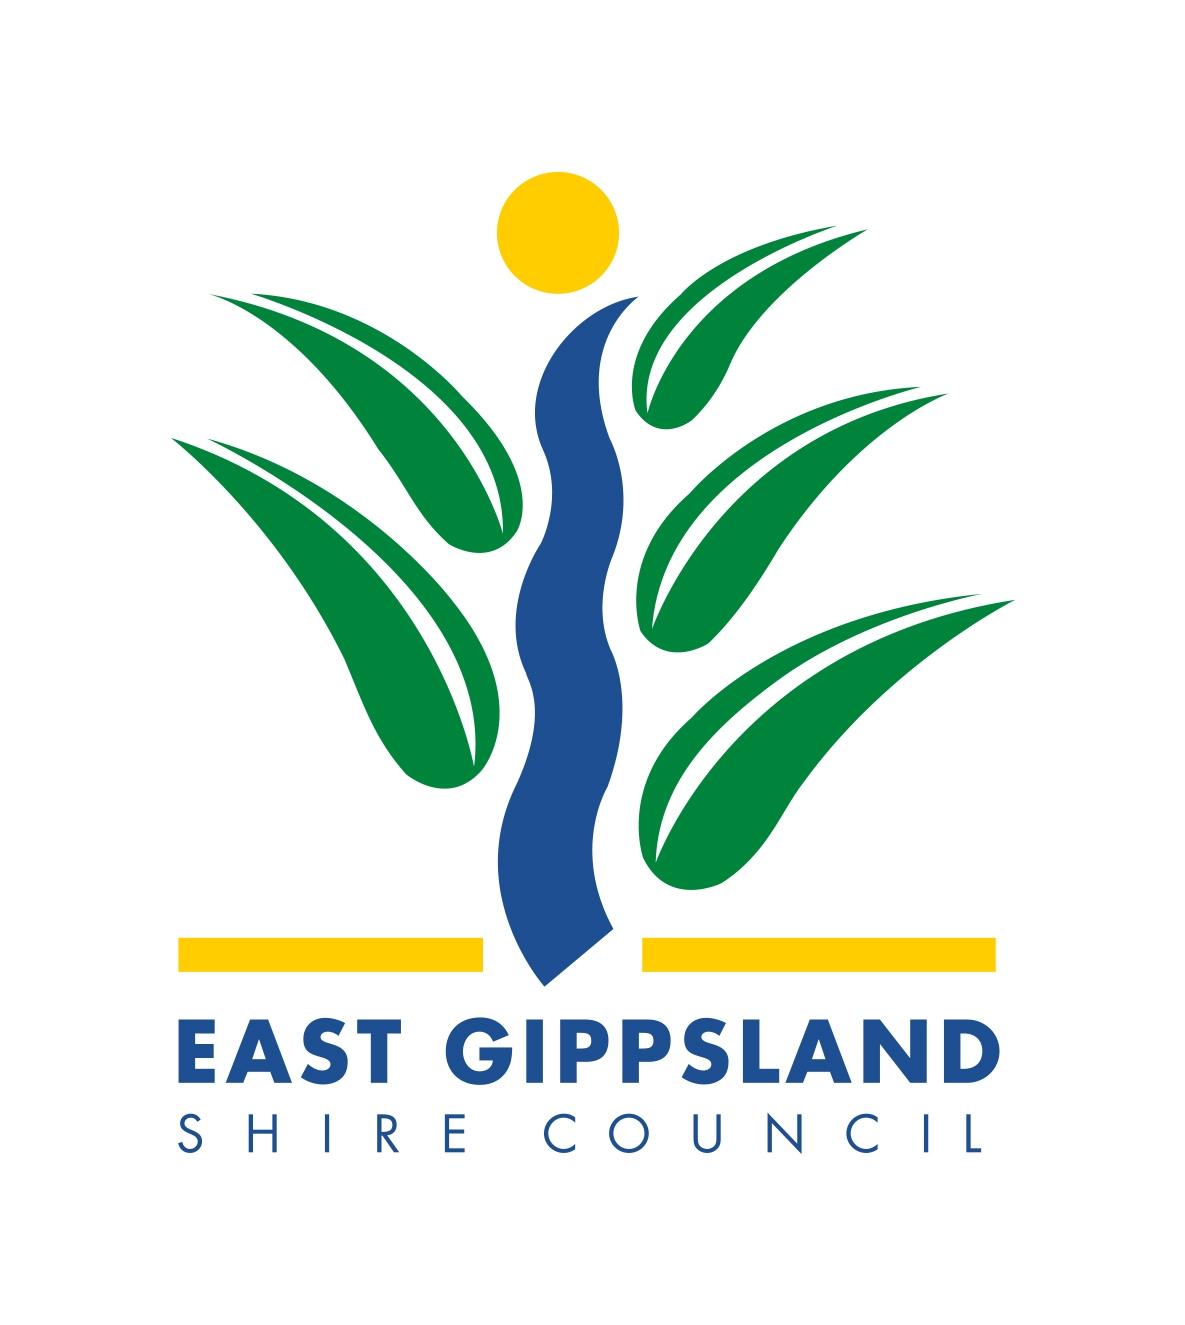 East Gippsland Shire Council